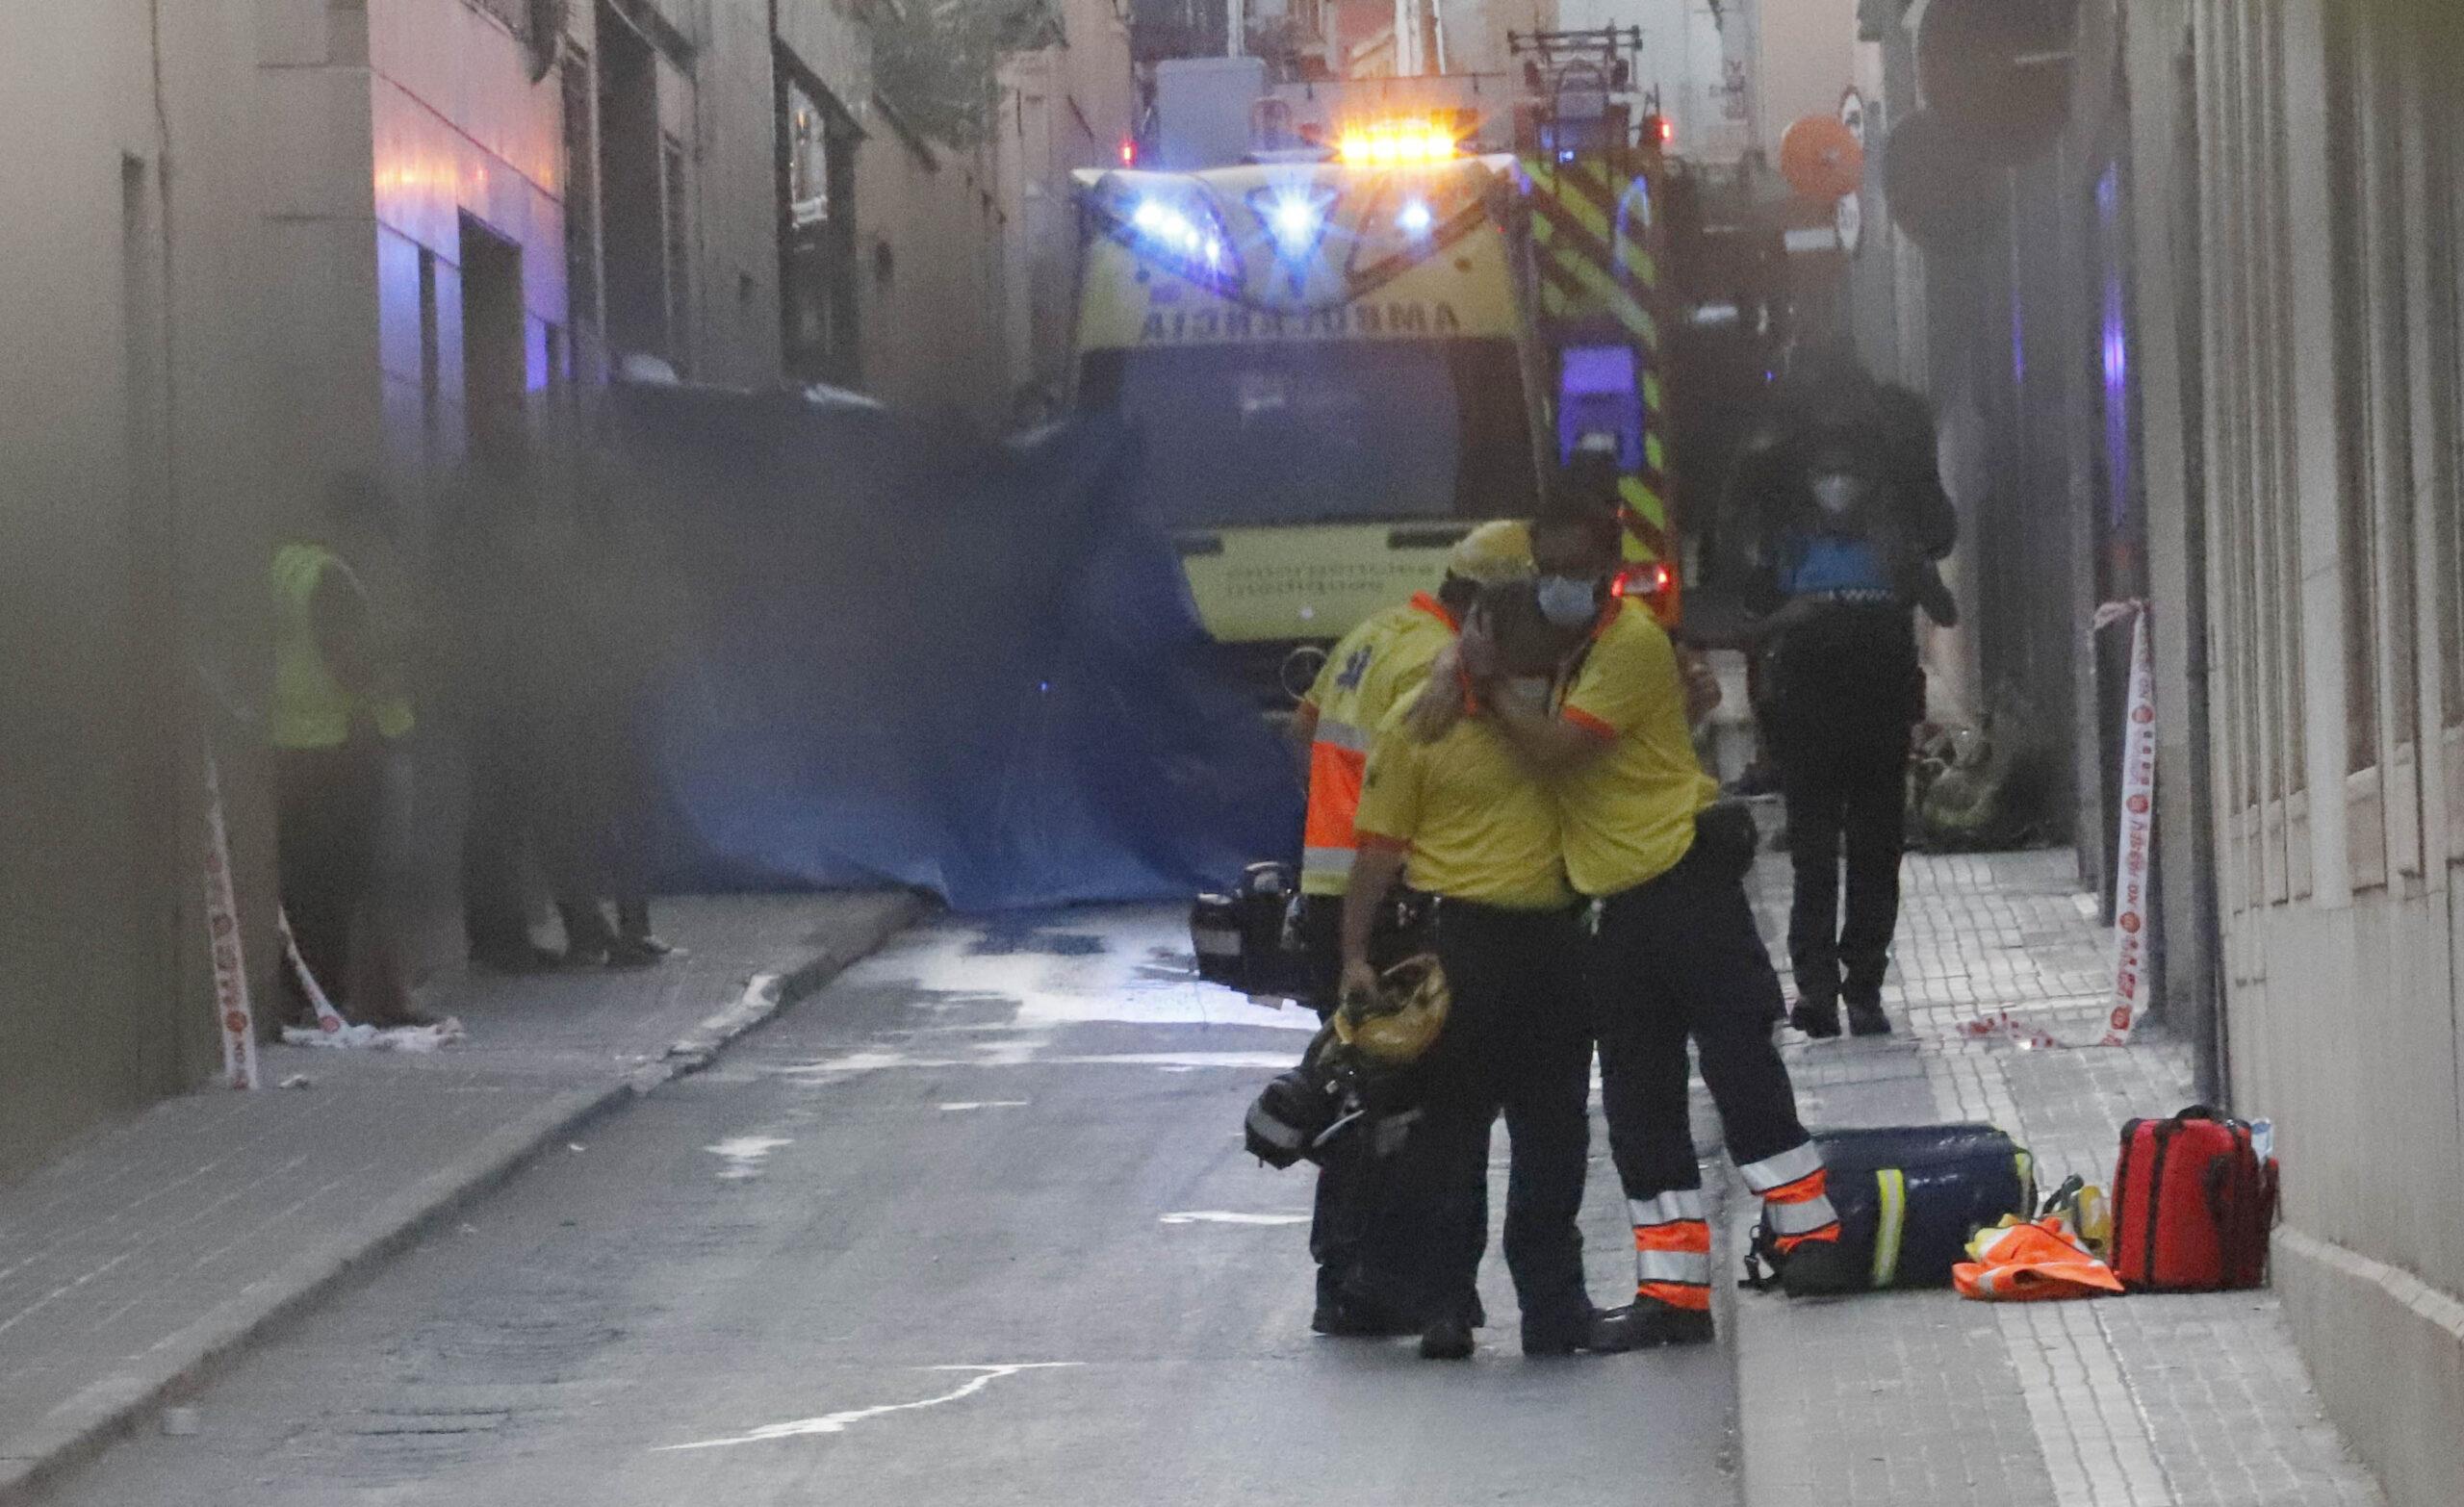 La imatge dels serveis sanitaris parla per si mateixa de la tragèdia